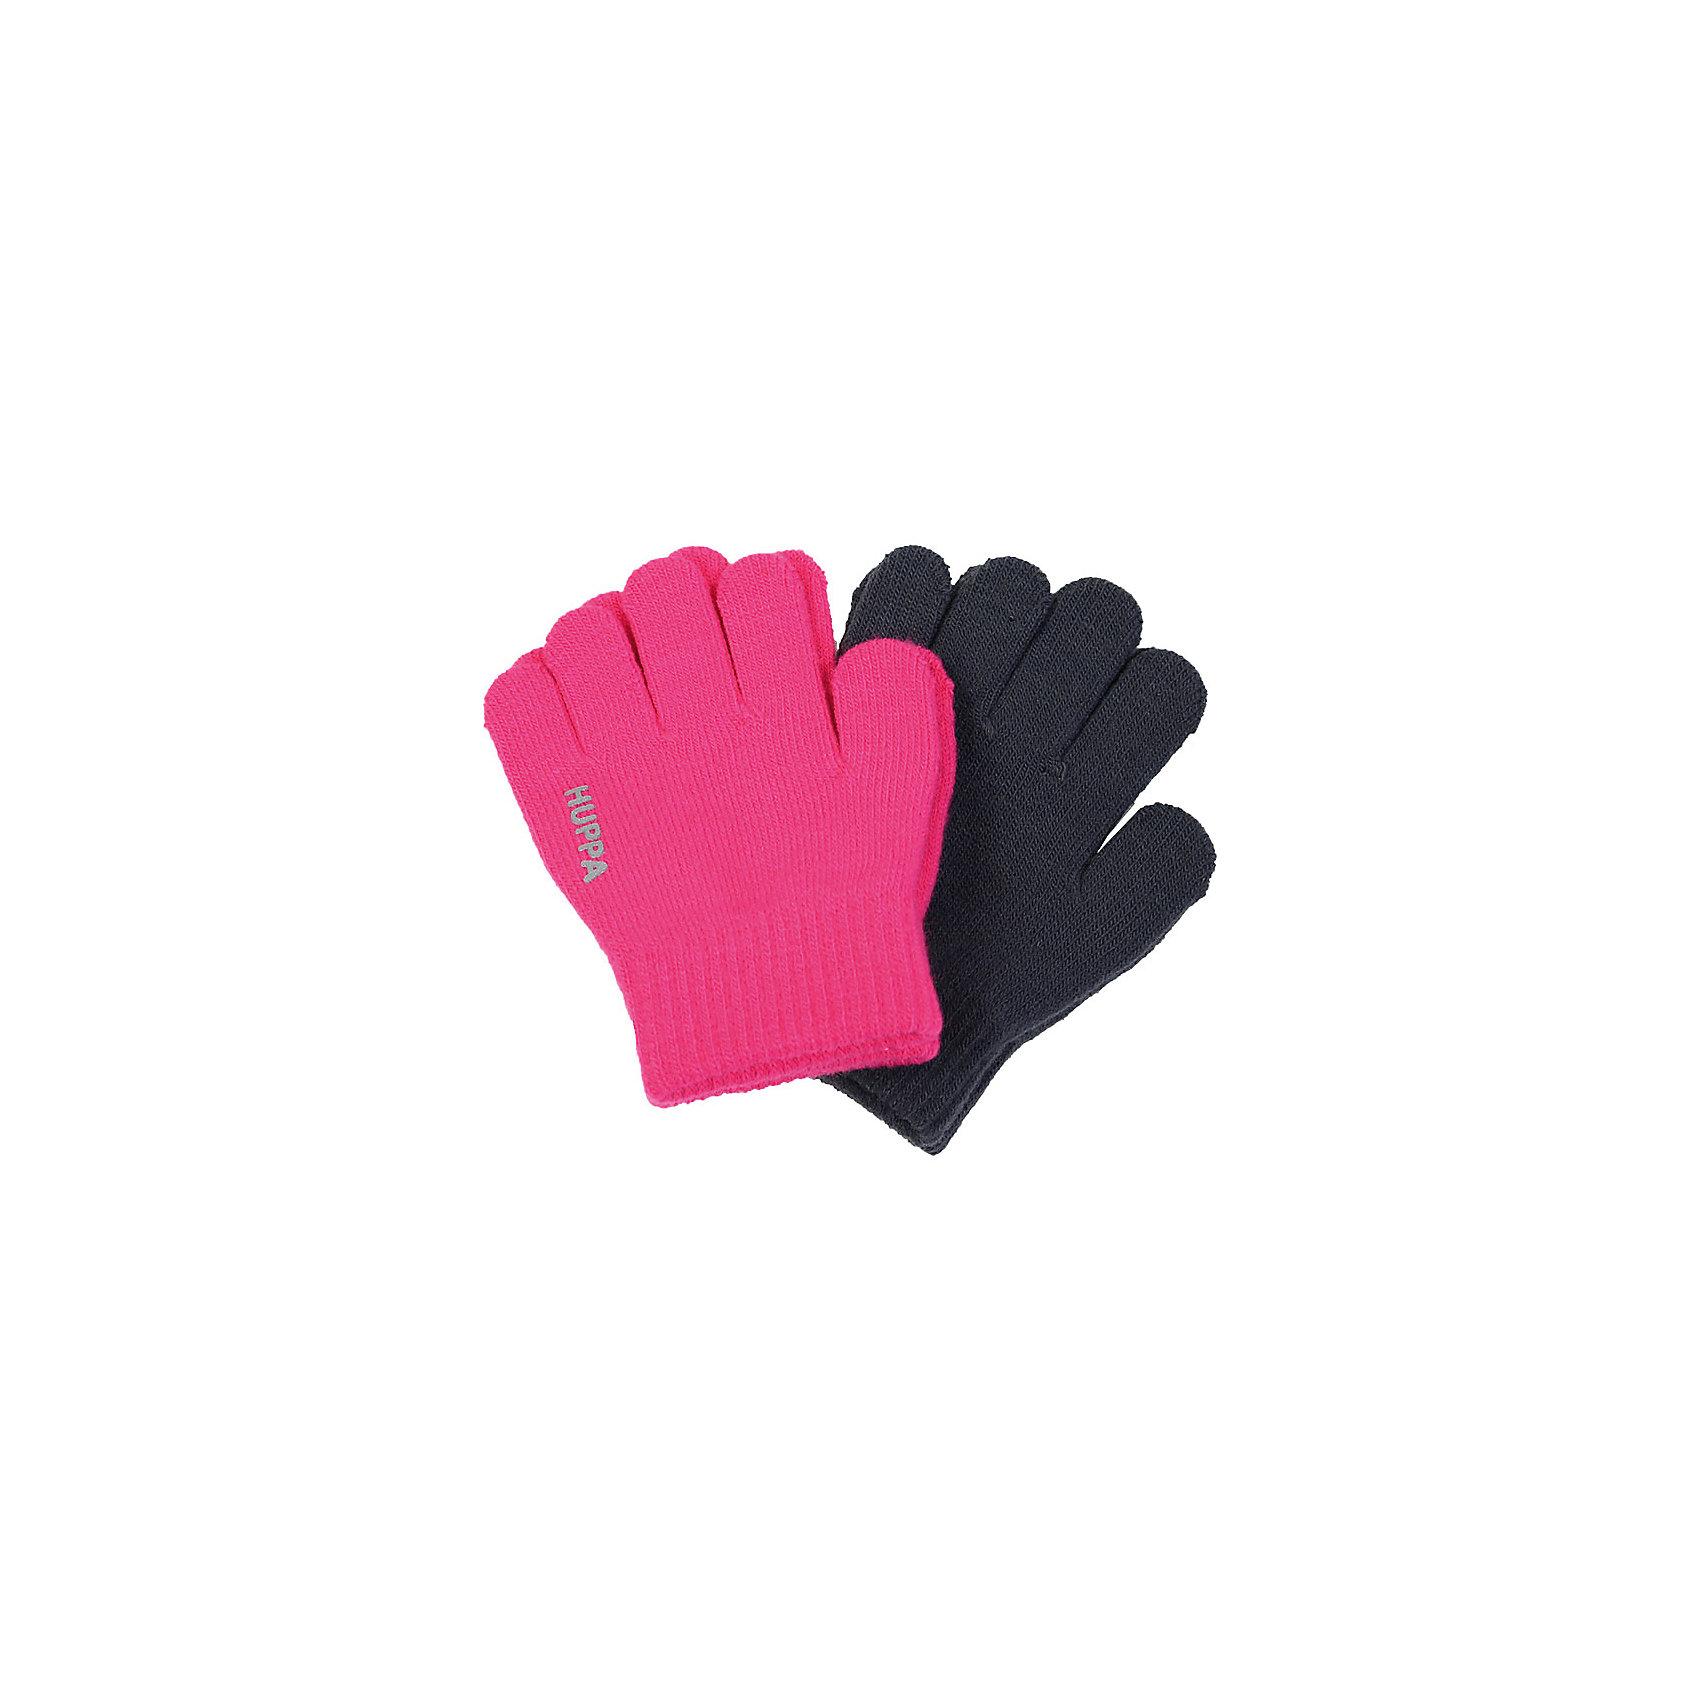 Перчатки Huppa Levi 2, 2 парыПерчатки, варежки<br>Перчатки для детей LEVI 2.Теплые перчатки , прекрассно подойдут для повседневных прогулок в прохладную погоду. <br>Состав:<br>100% акрил<br><br>Ширина мм: 162<br>Глубина мм: 171<br>Высота мм: 55<br>Вес г: 119<br>Цвет: фуксия<br>Возраст от месяцев: 48<br>Возраст до месяцев: 60<br>Пол: Унисекс<br>Возраст: Детский<br>Размер: 2,1<br>SKU: 7024239